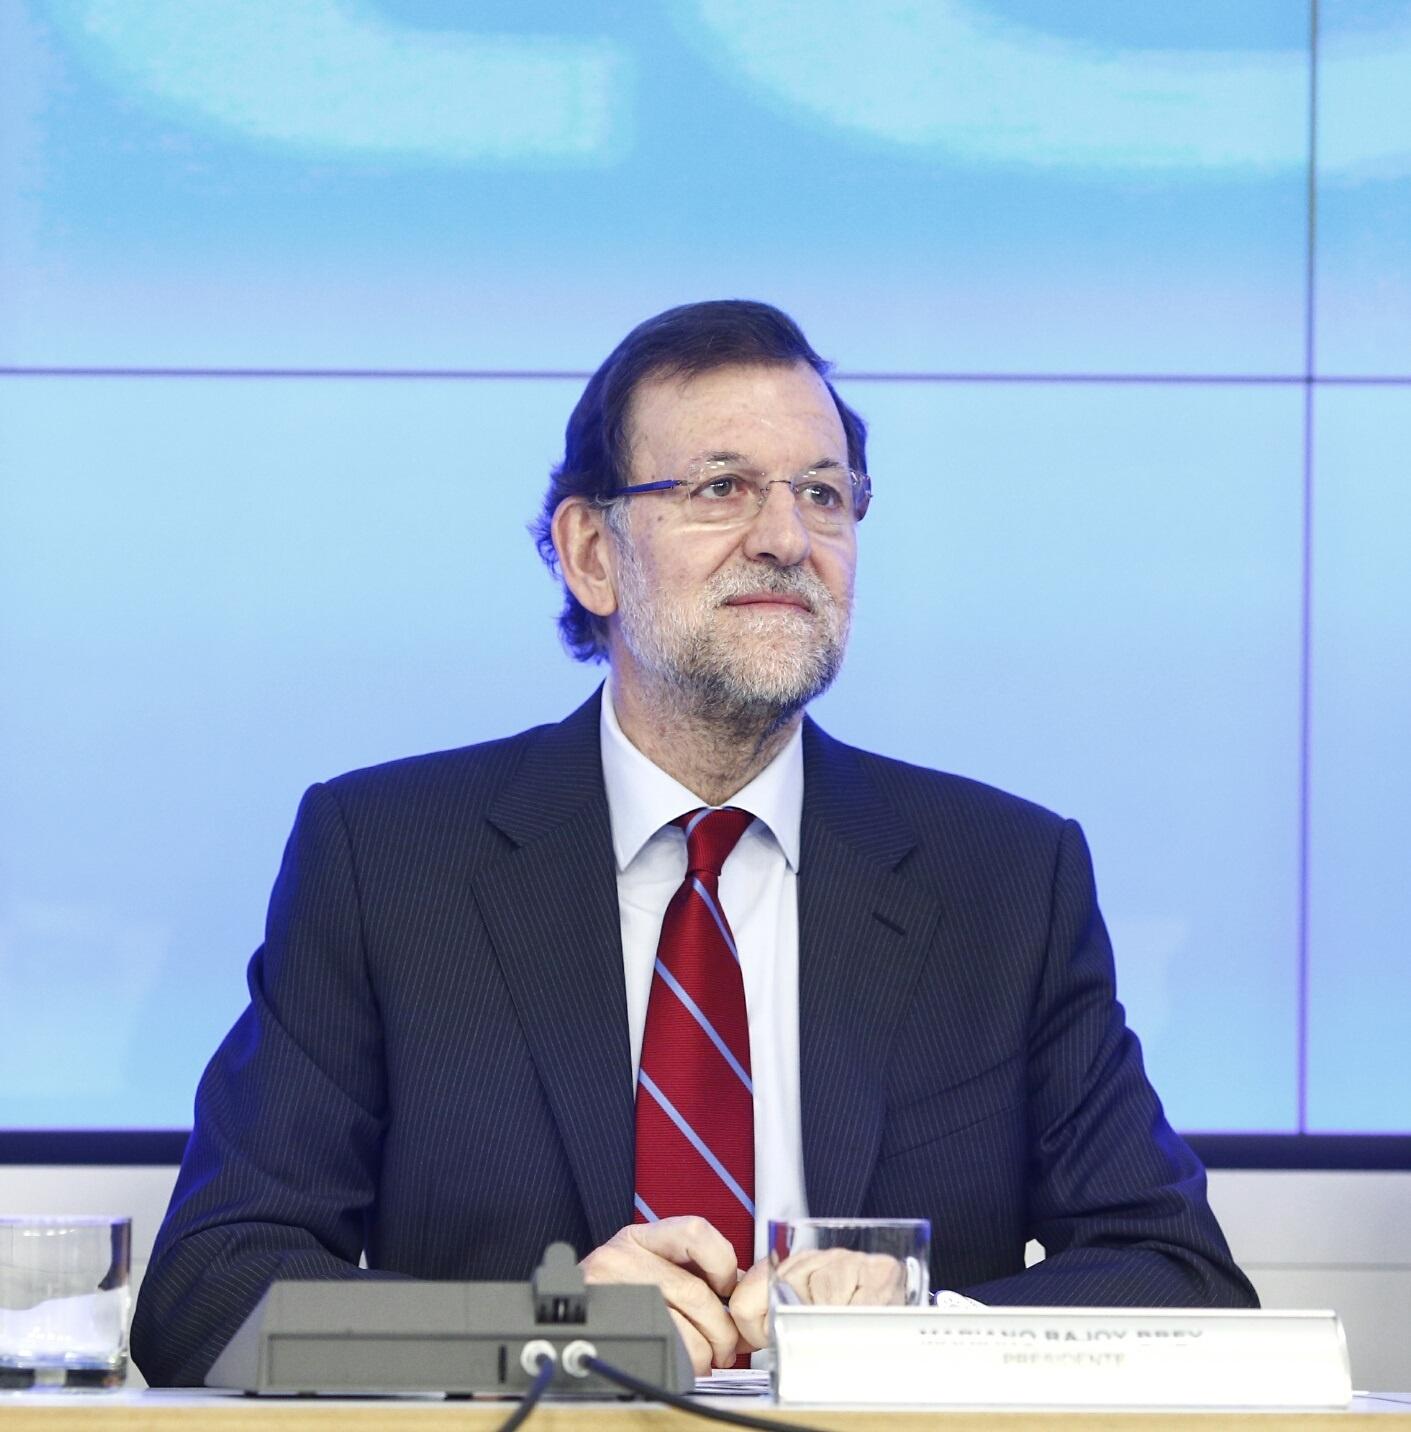 Rajoy emplaza a la movilización del PP en las europeas para ganar las elecciones de mayo